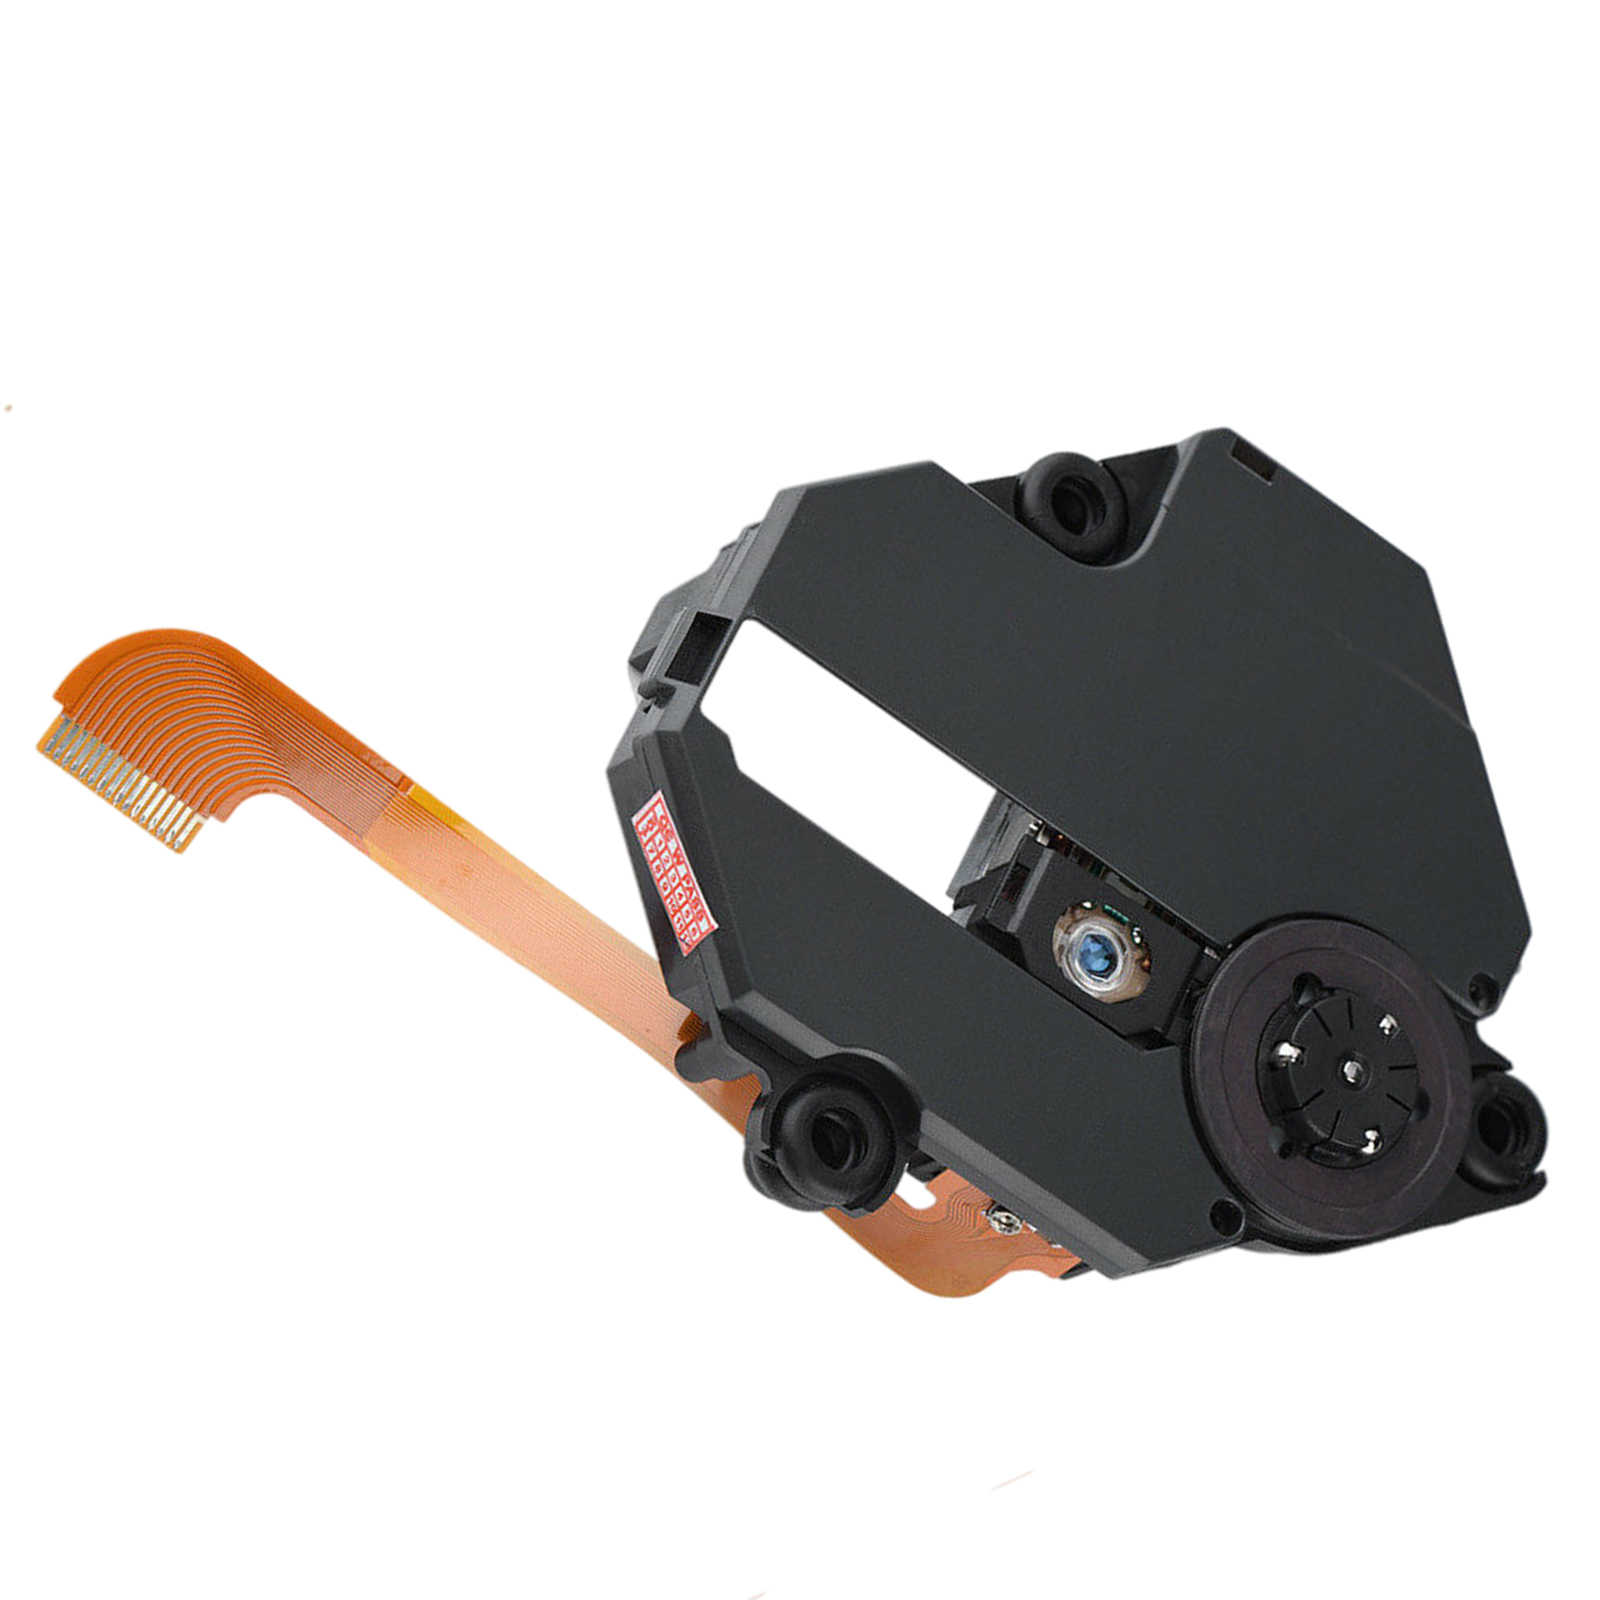 Профессиональные лазерные линзы, оптические линзы, запчасти для сборки, износостойкость, стабильная производительность для игровой консоли Sony PS1